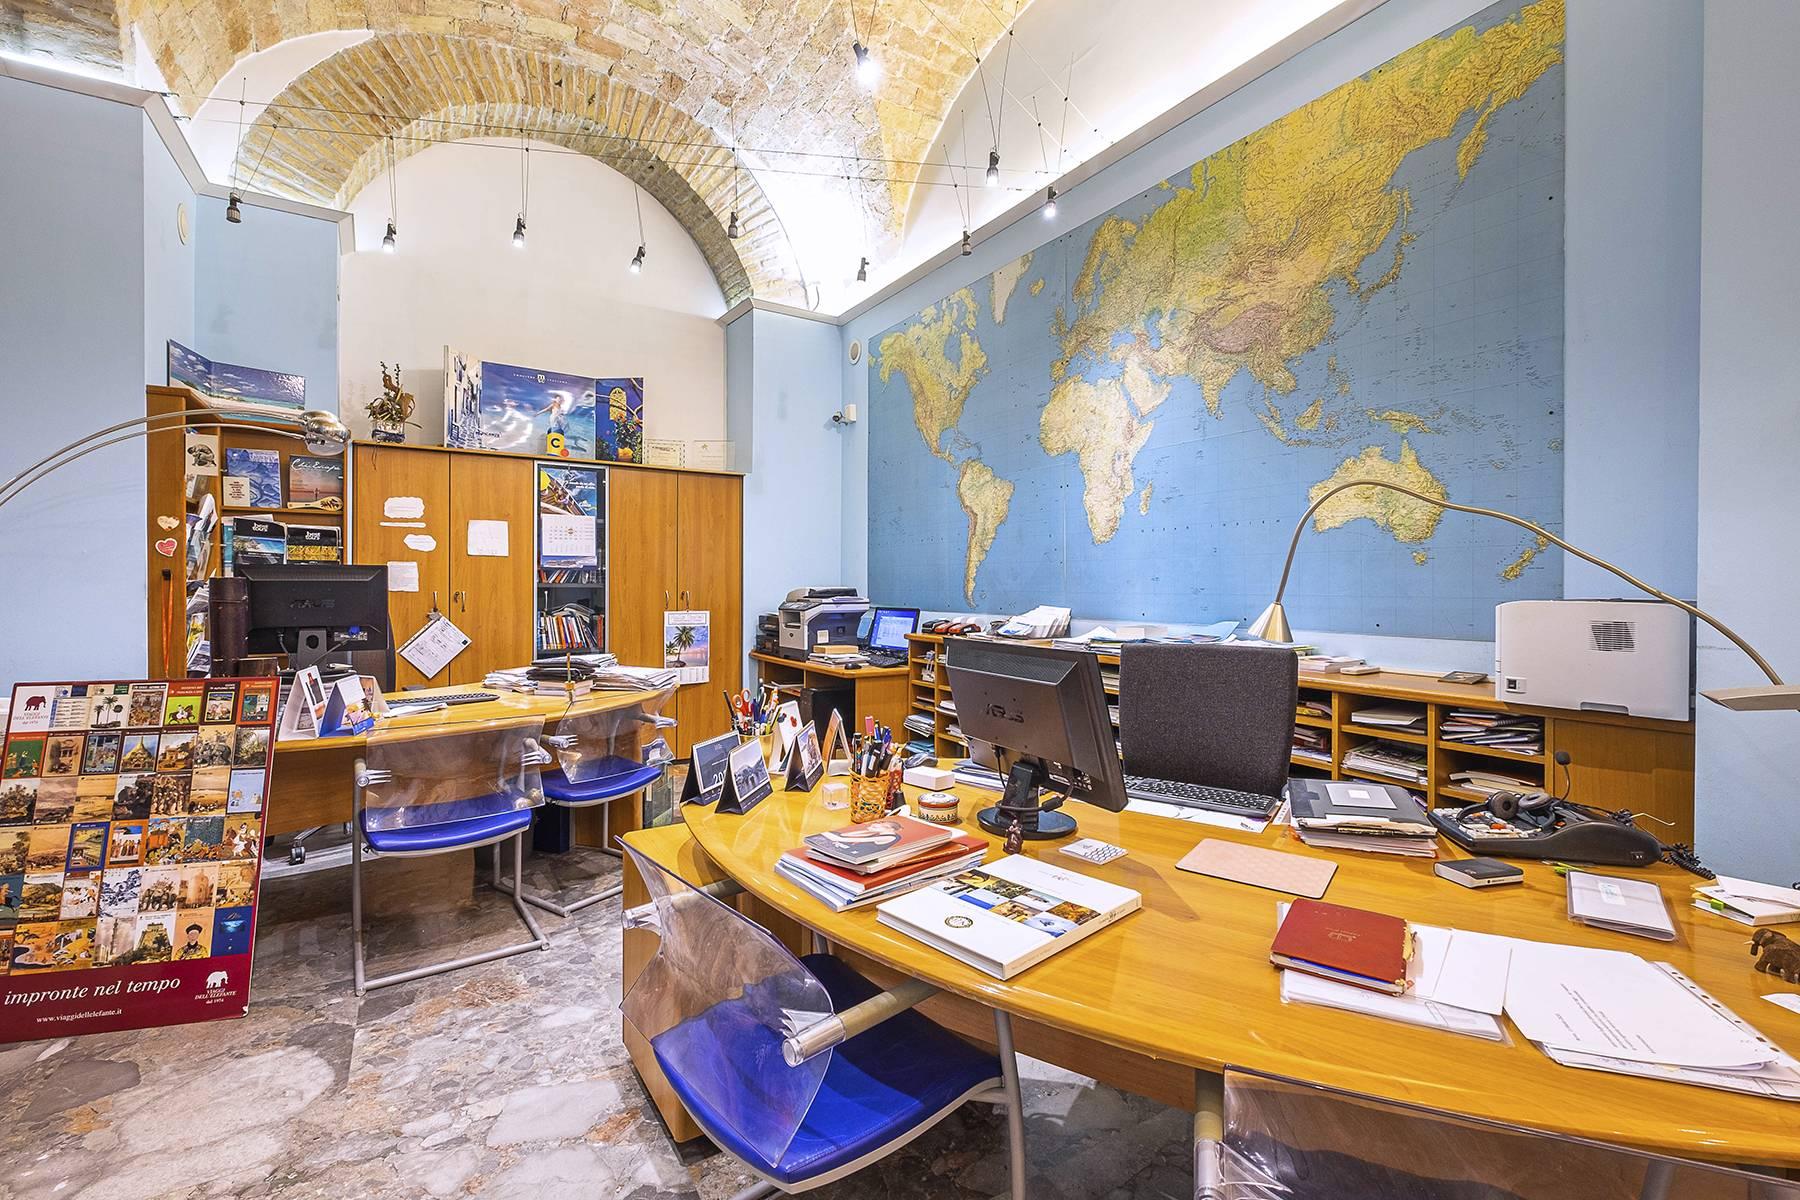 Negozio-locale in Vendita a Roma: 5 locali, 180 mq - Foto 1